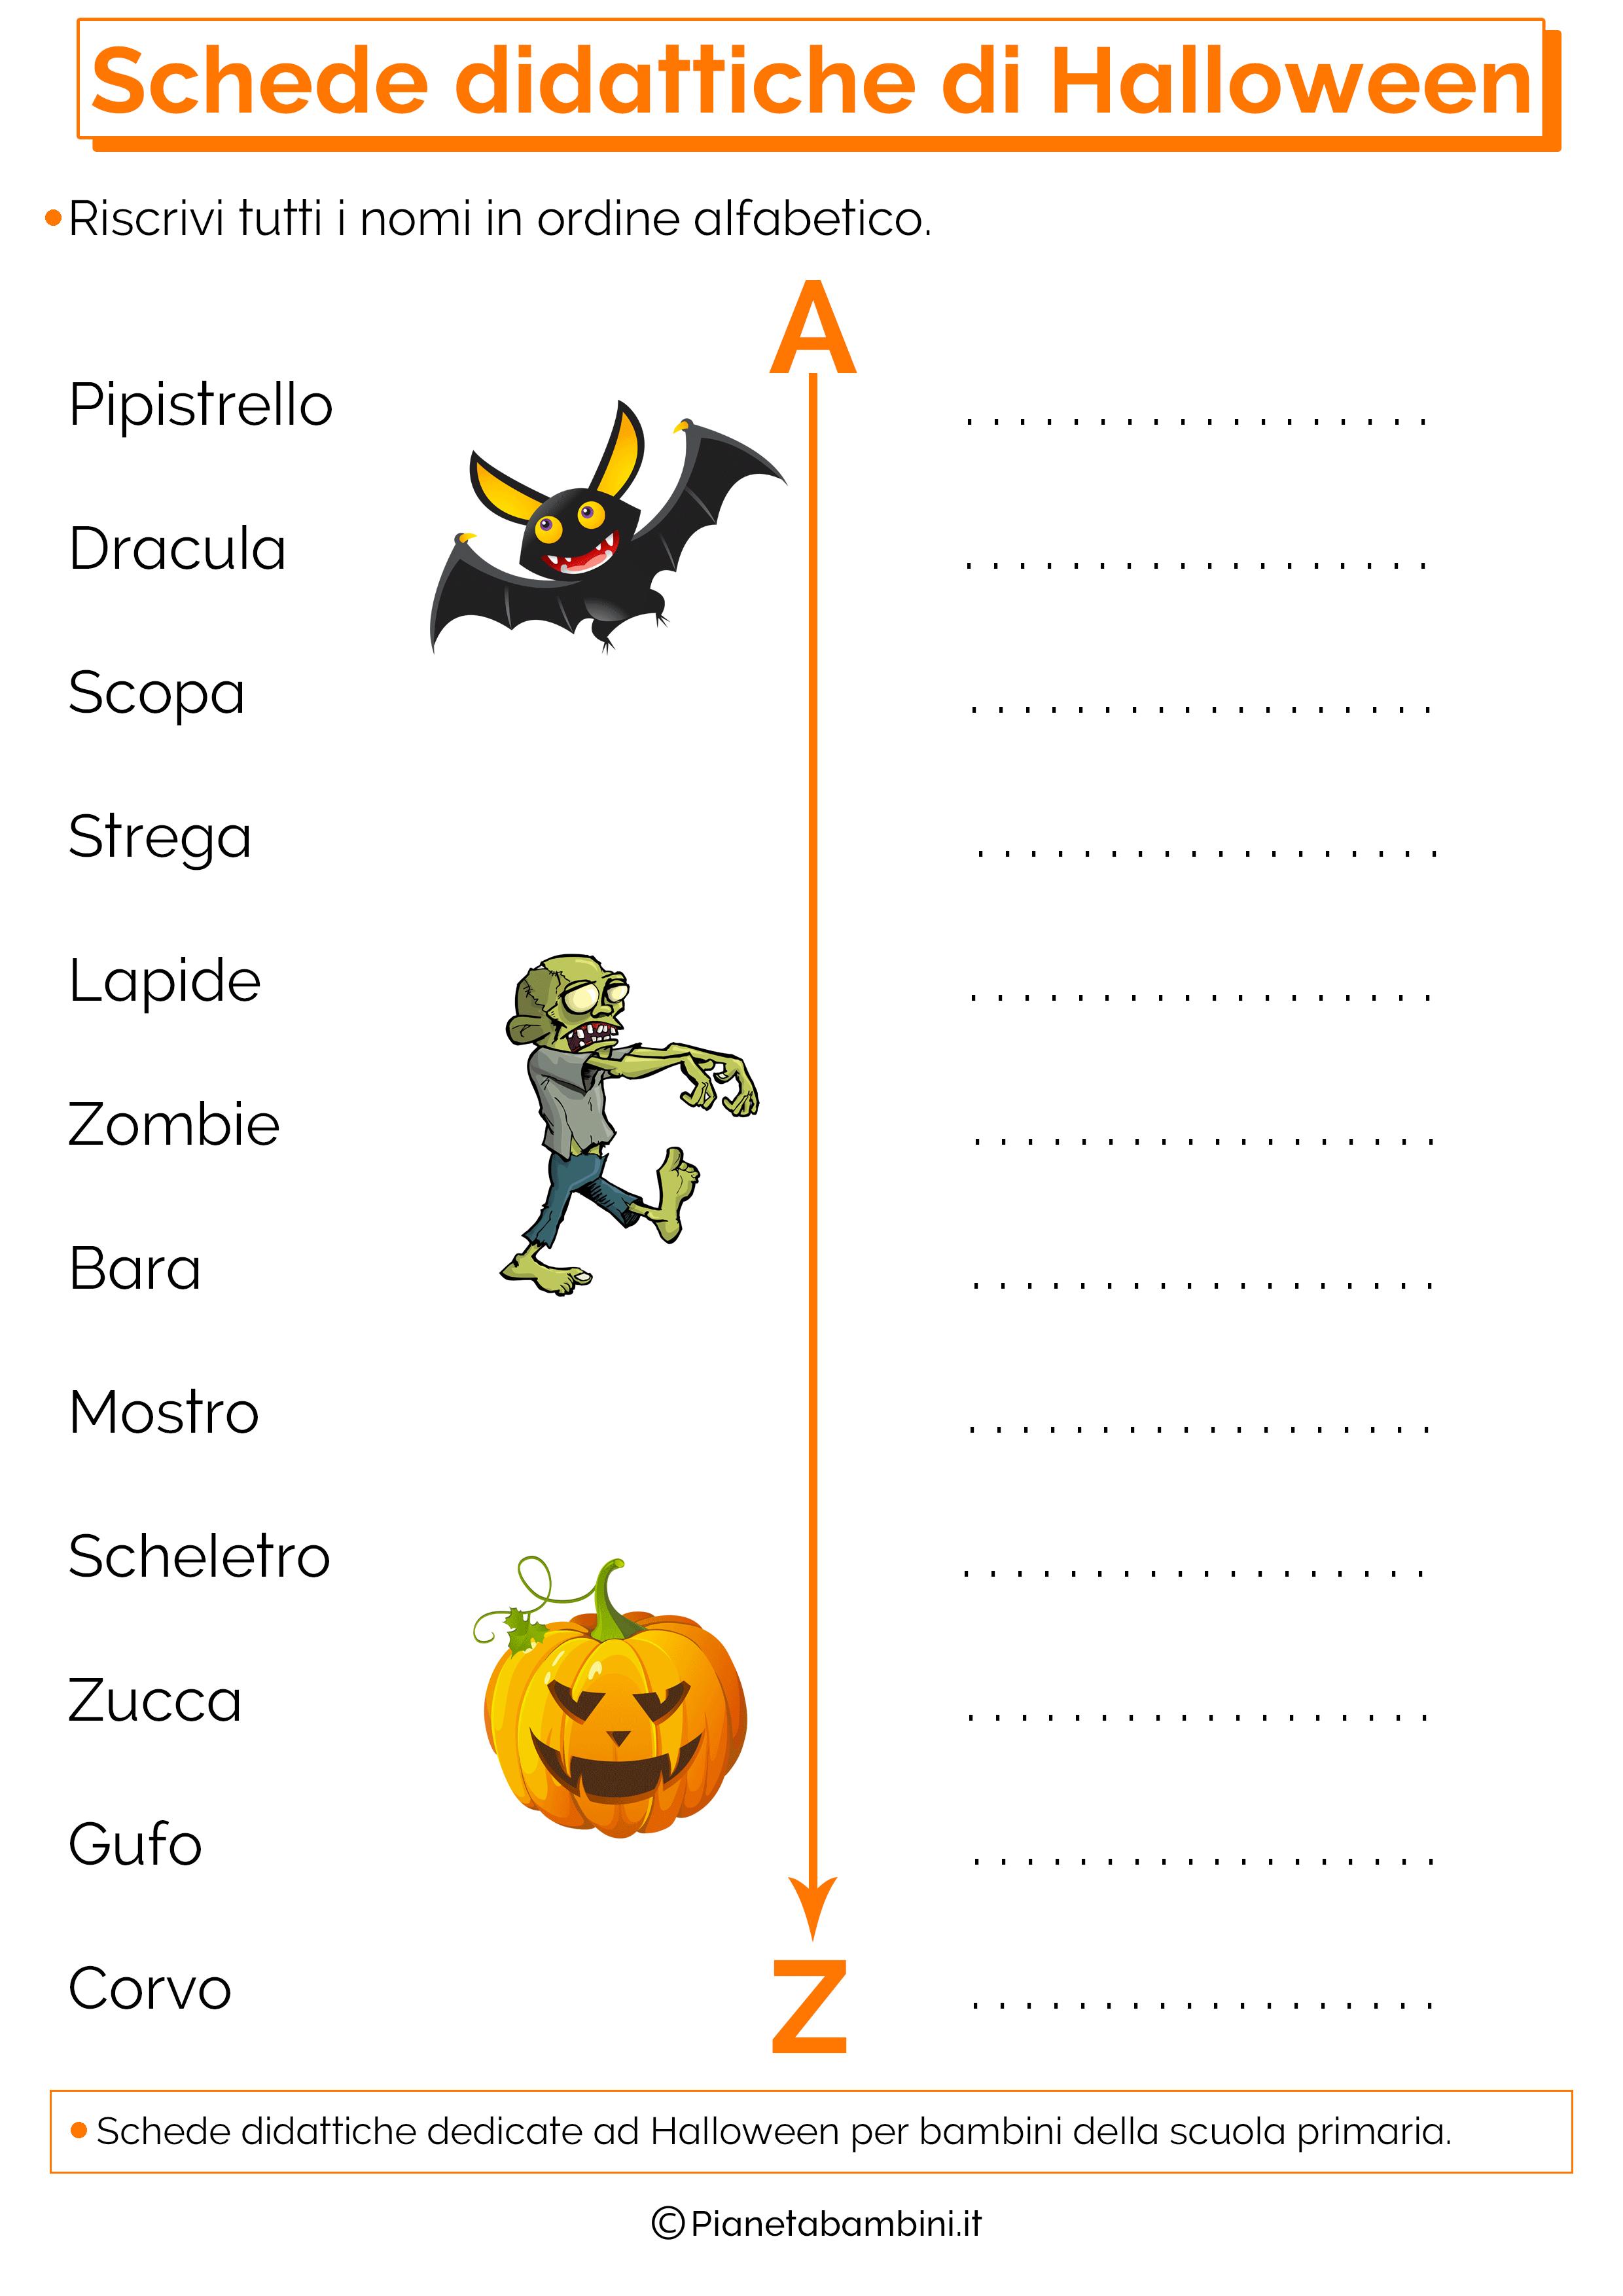 schede-didattiche-halloween-2